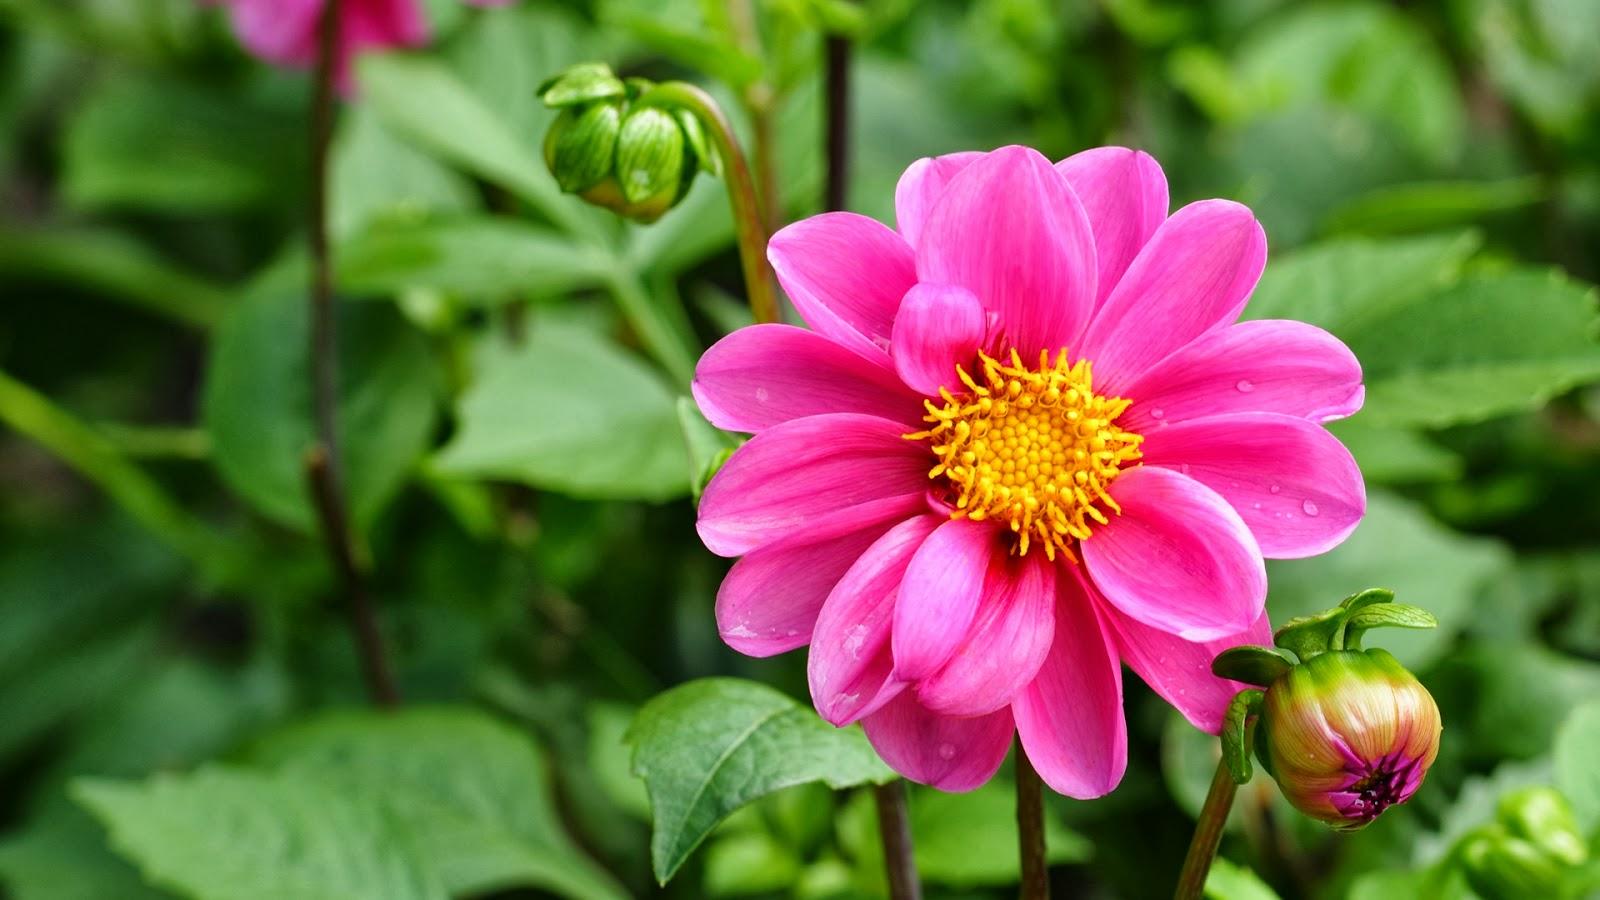 Gambar Wallpaper Bunga Sakura Jepang Cantik Kata Kata